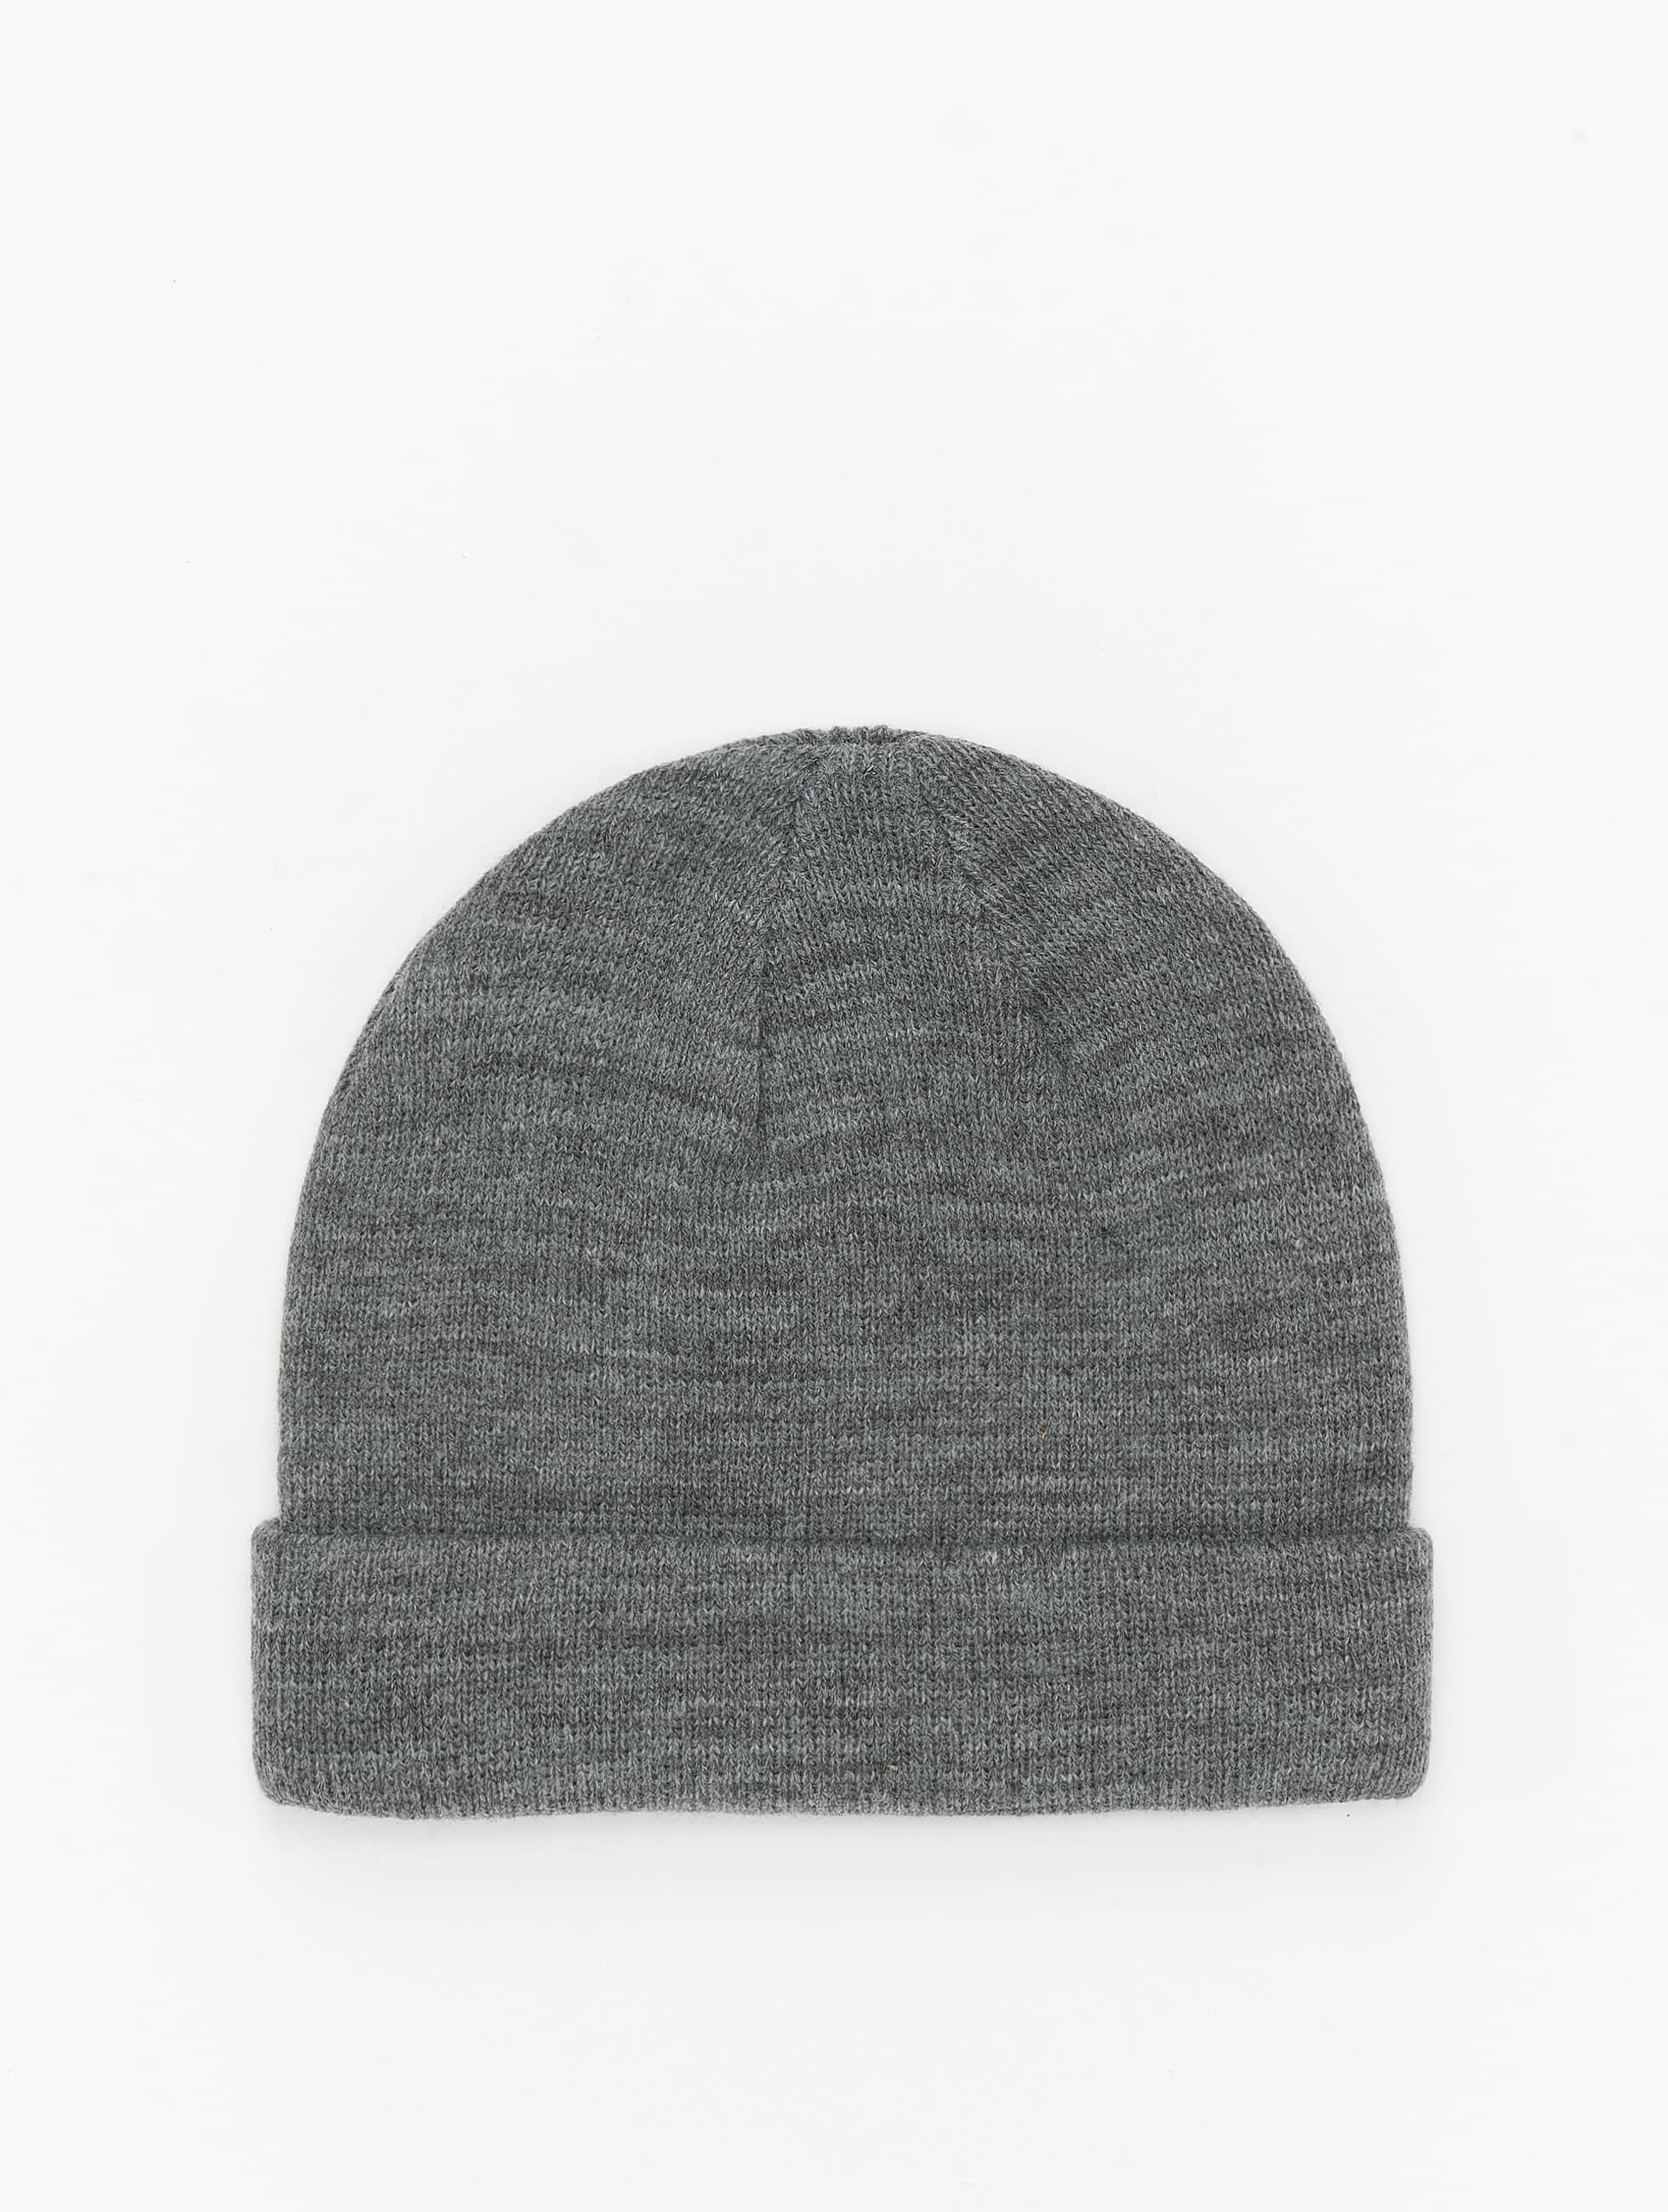 652b022ab08 MSTRDS Accessoar   Beanie Short Cuff Knit i grå 238174